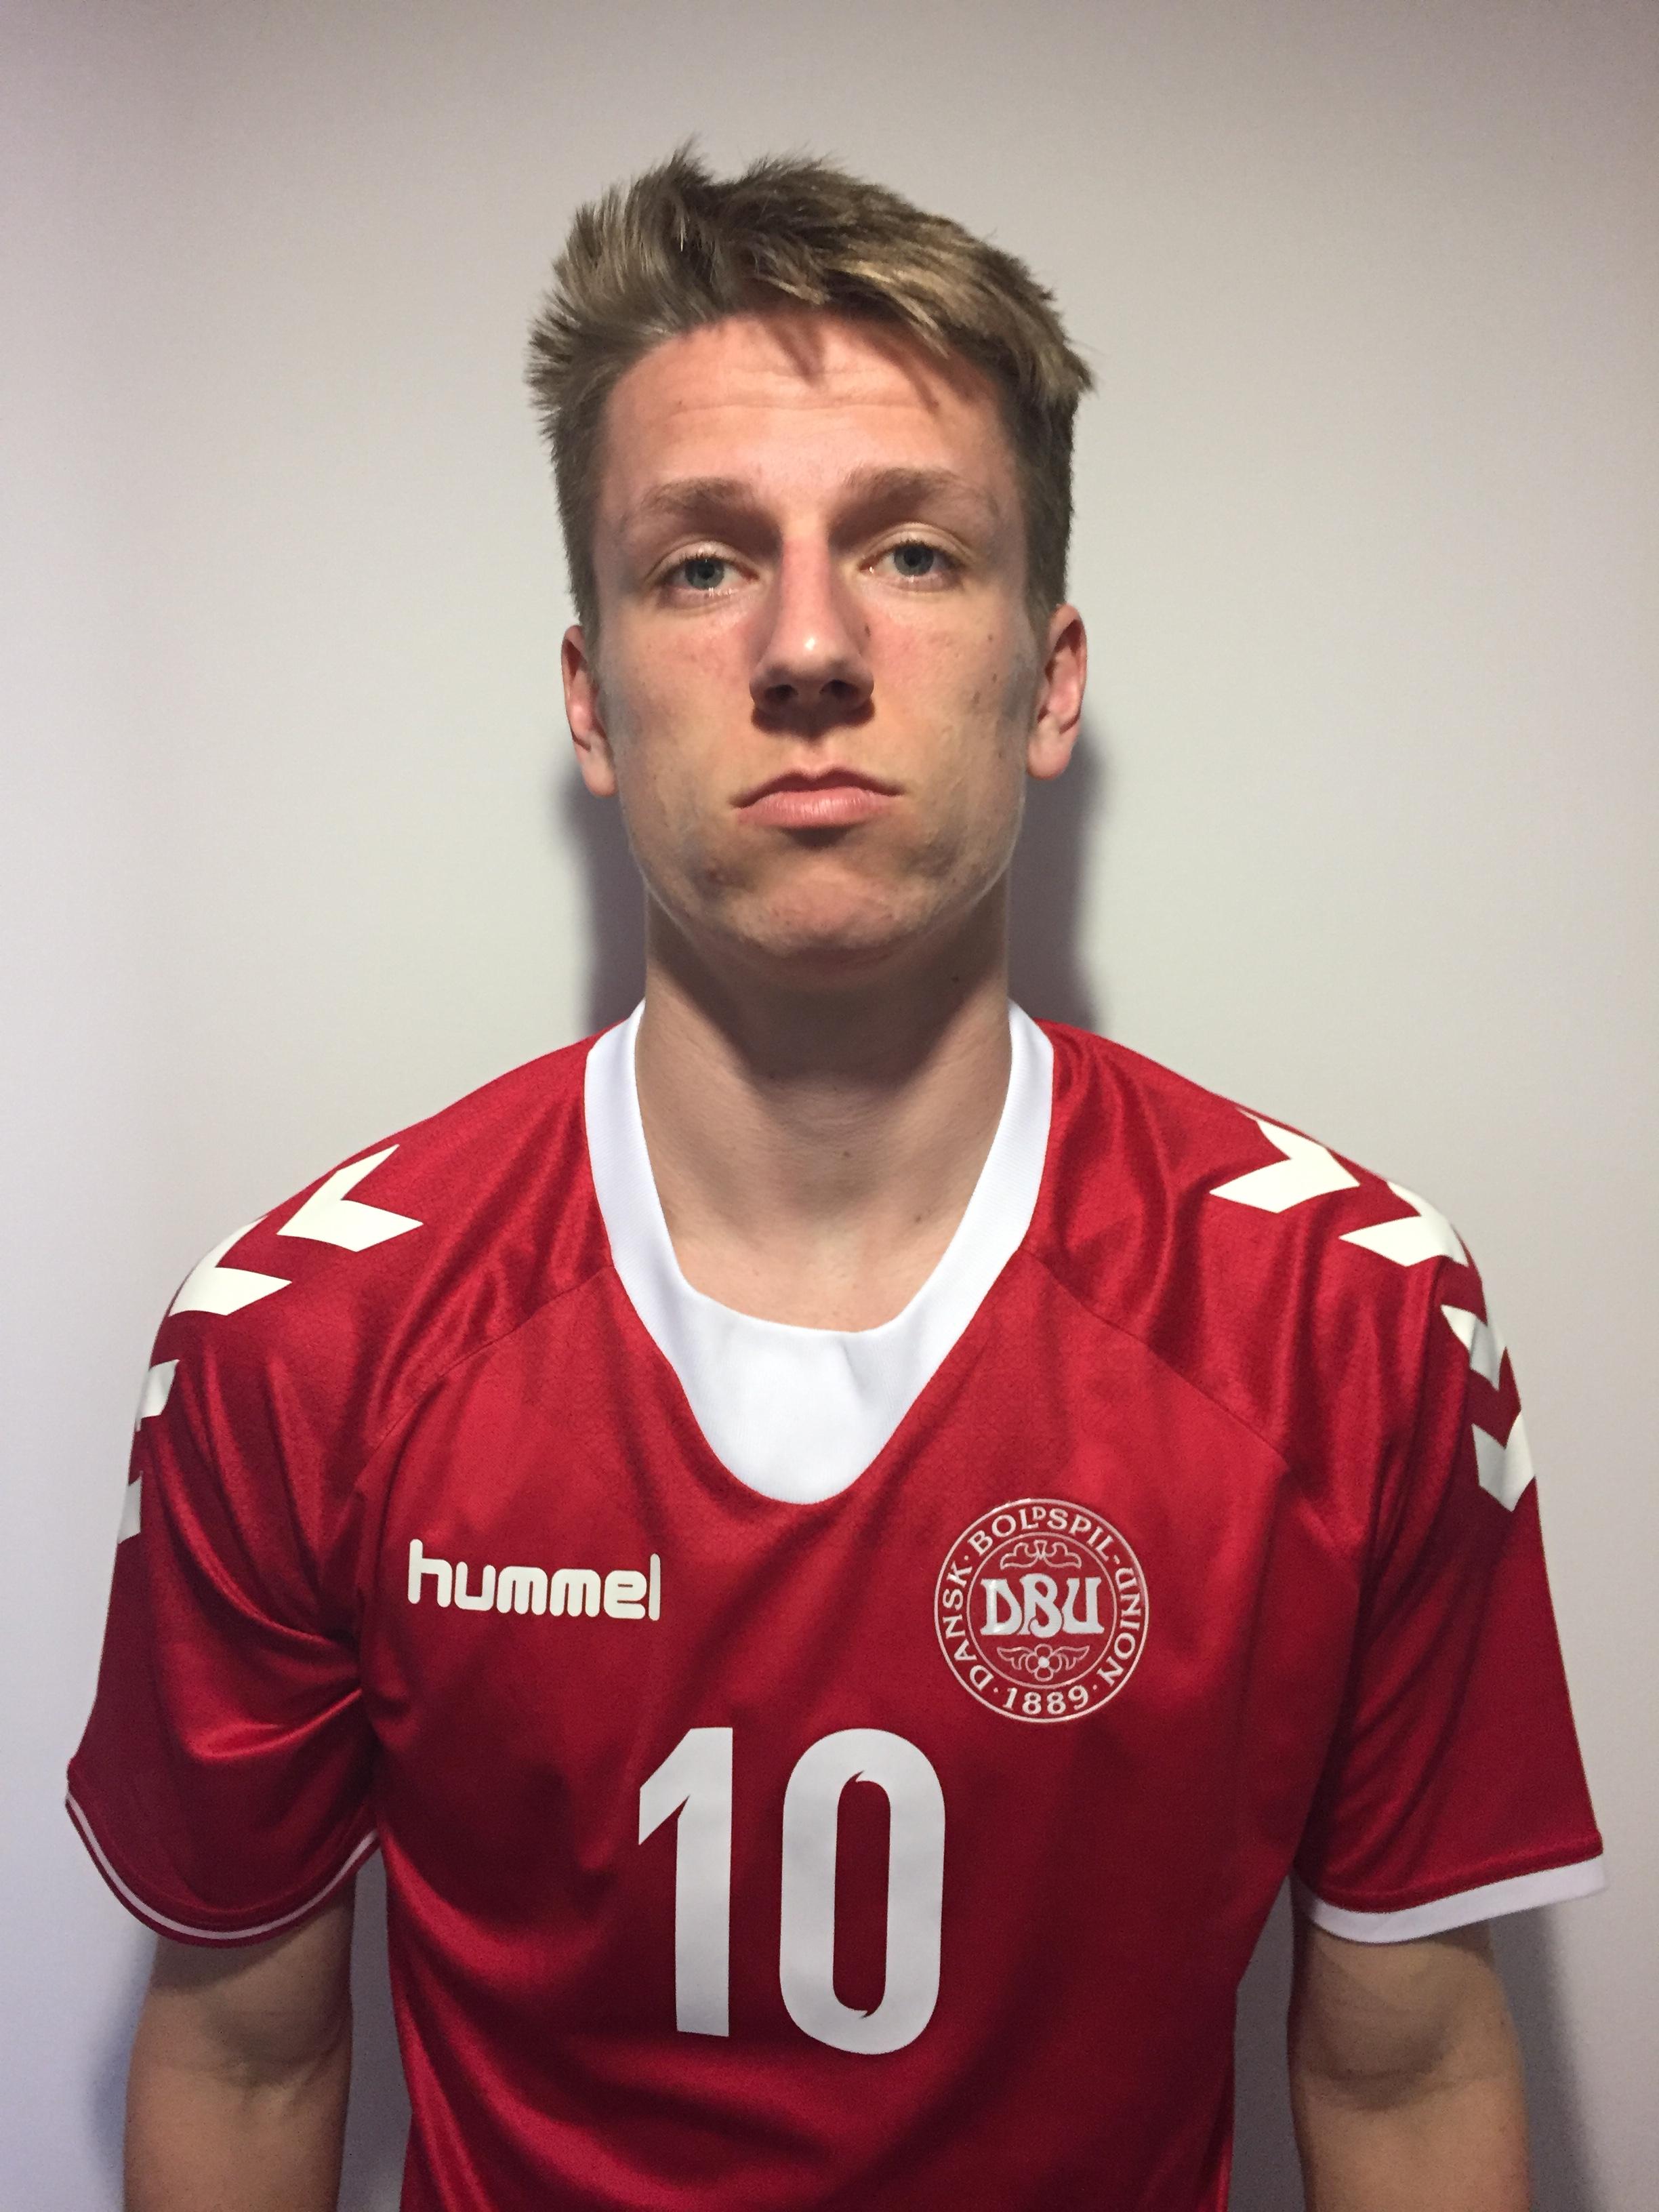 Emil Riis Jakobsen